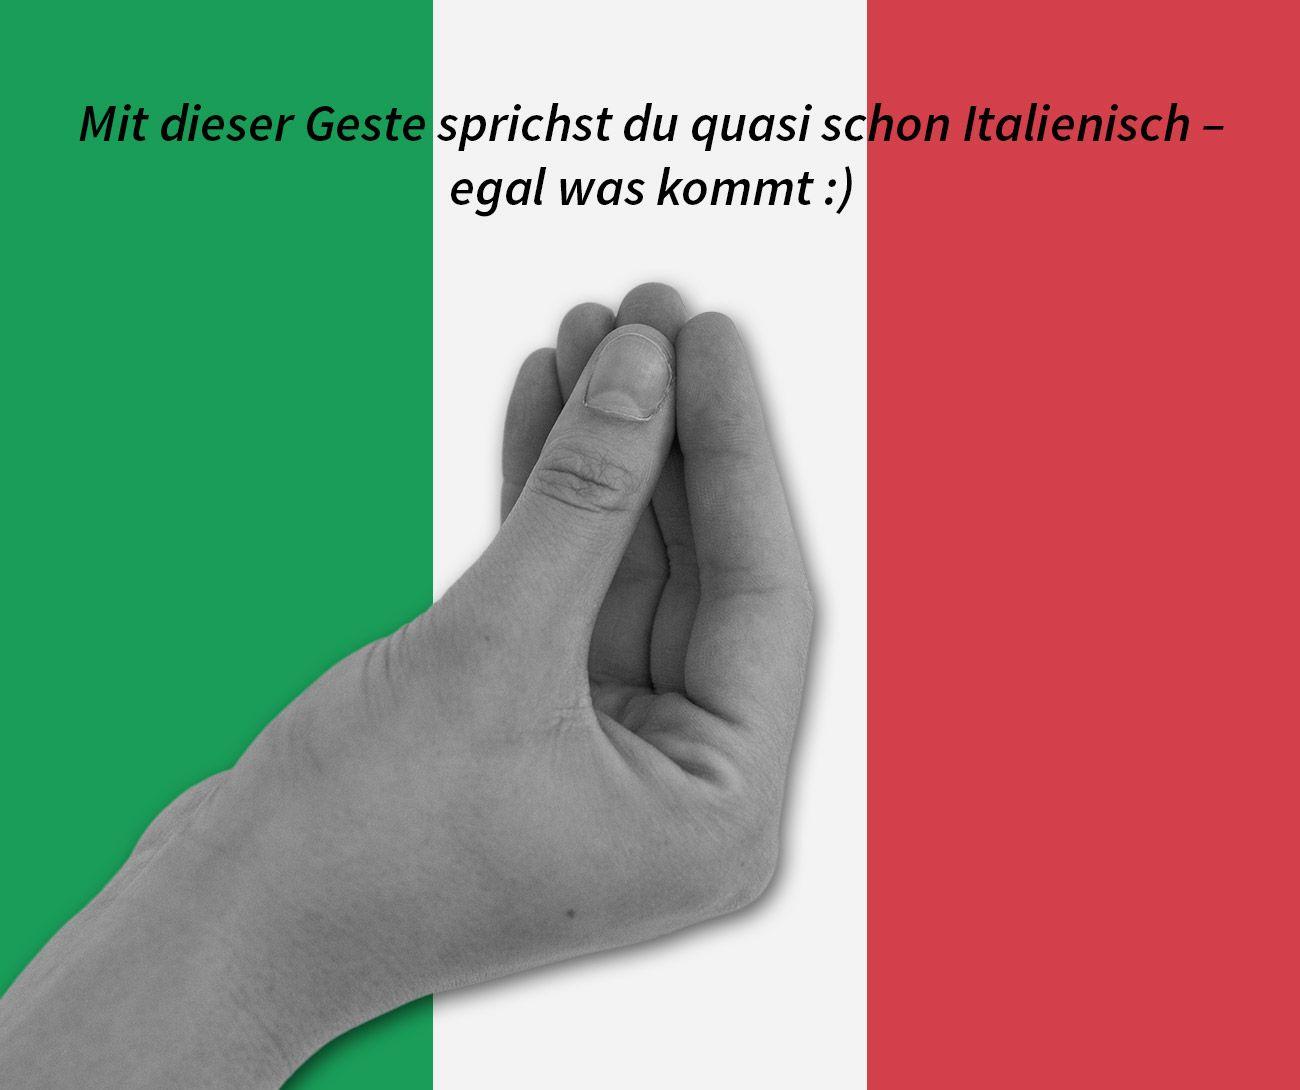 if auf deutsch